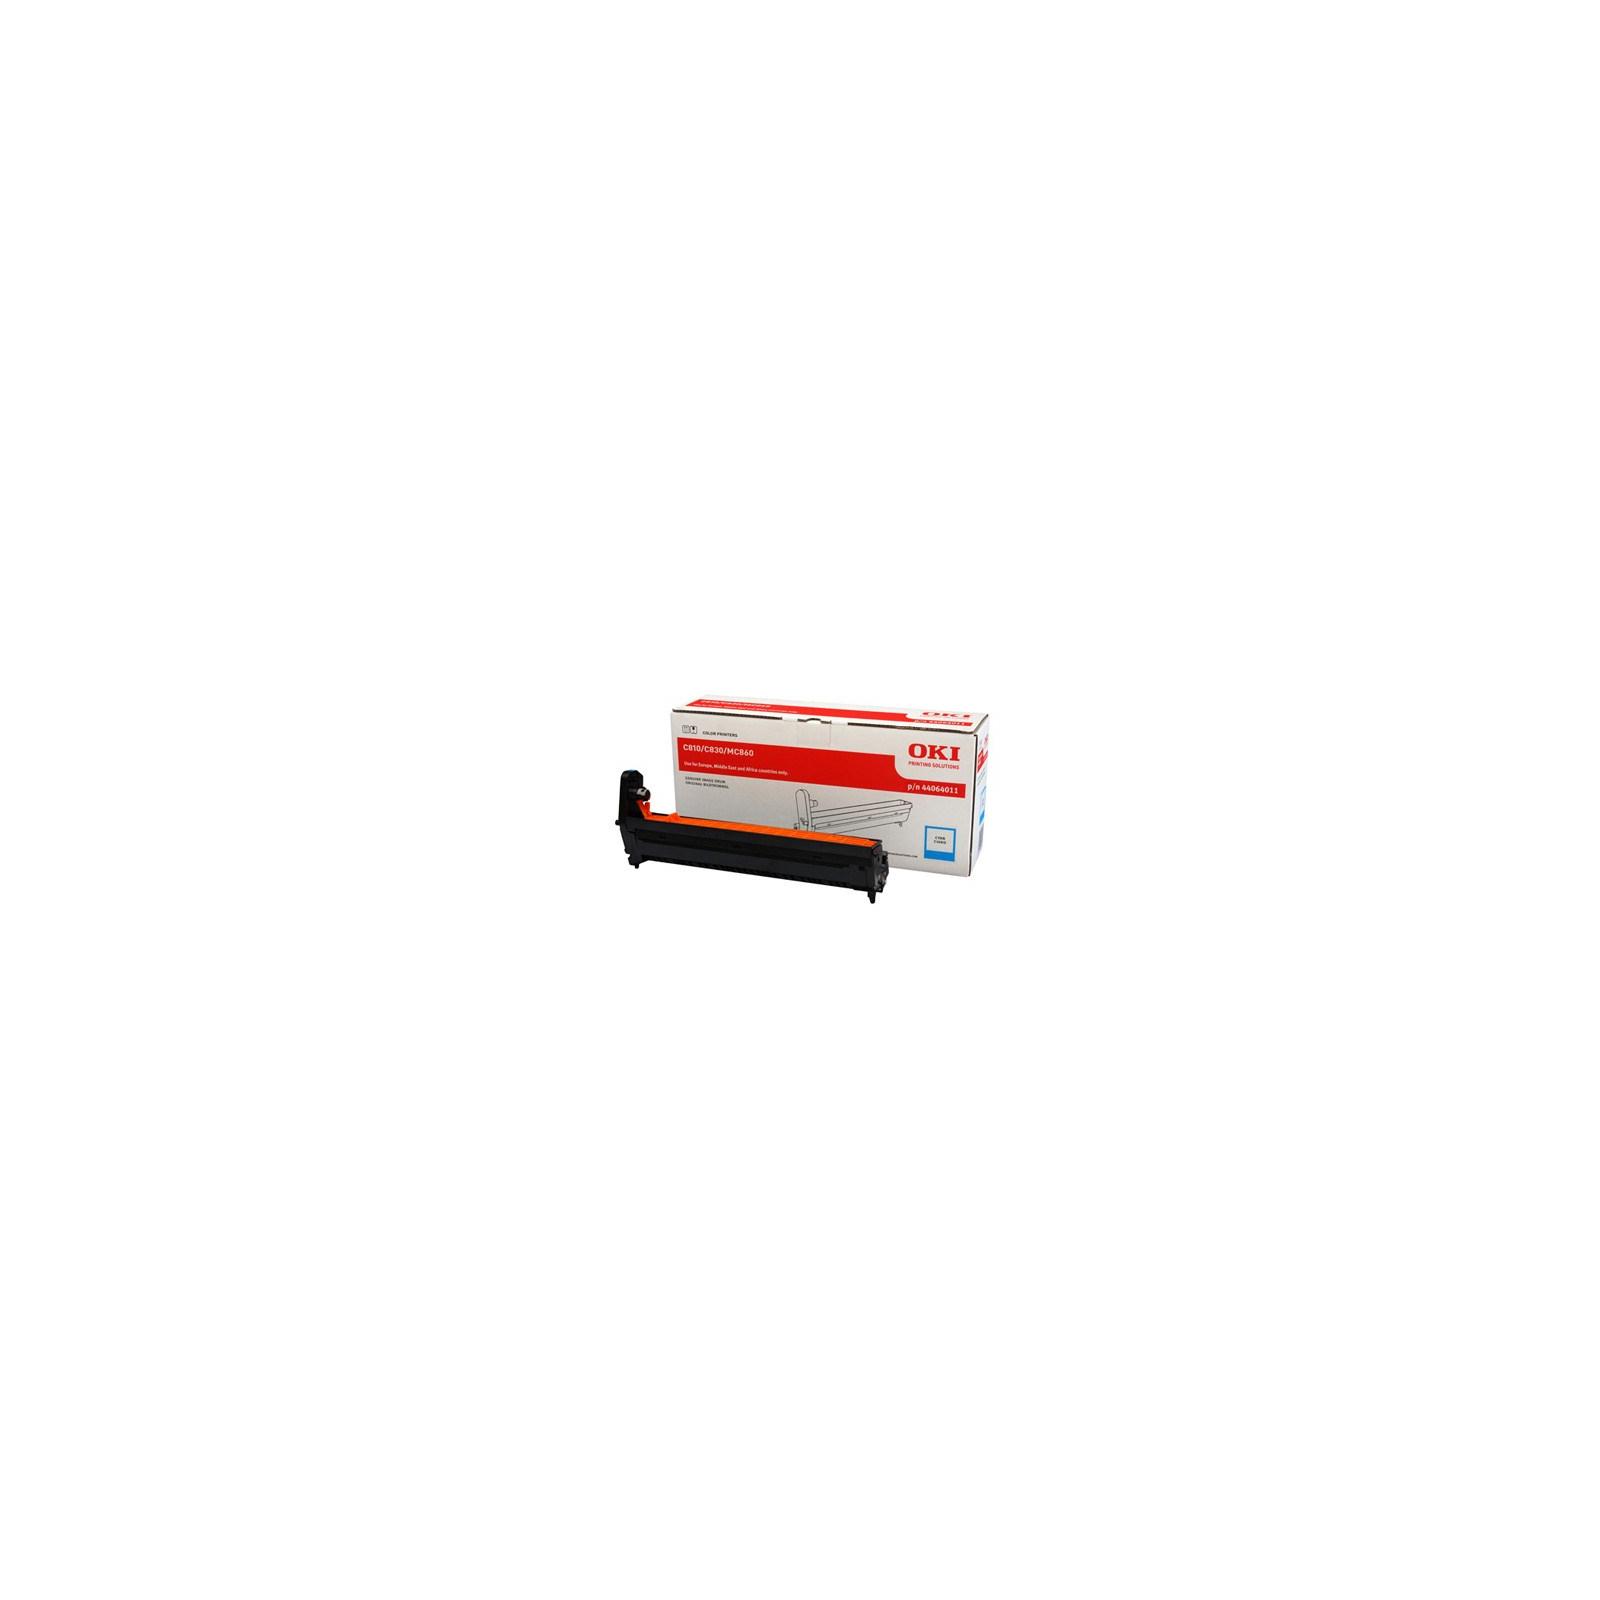 Фотокондуктор OKI C810/830/MC860/C801/C821 Cyan (44064011)